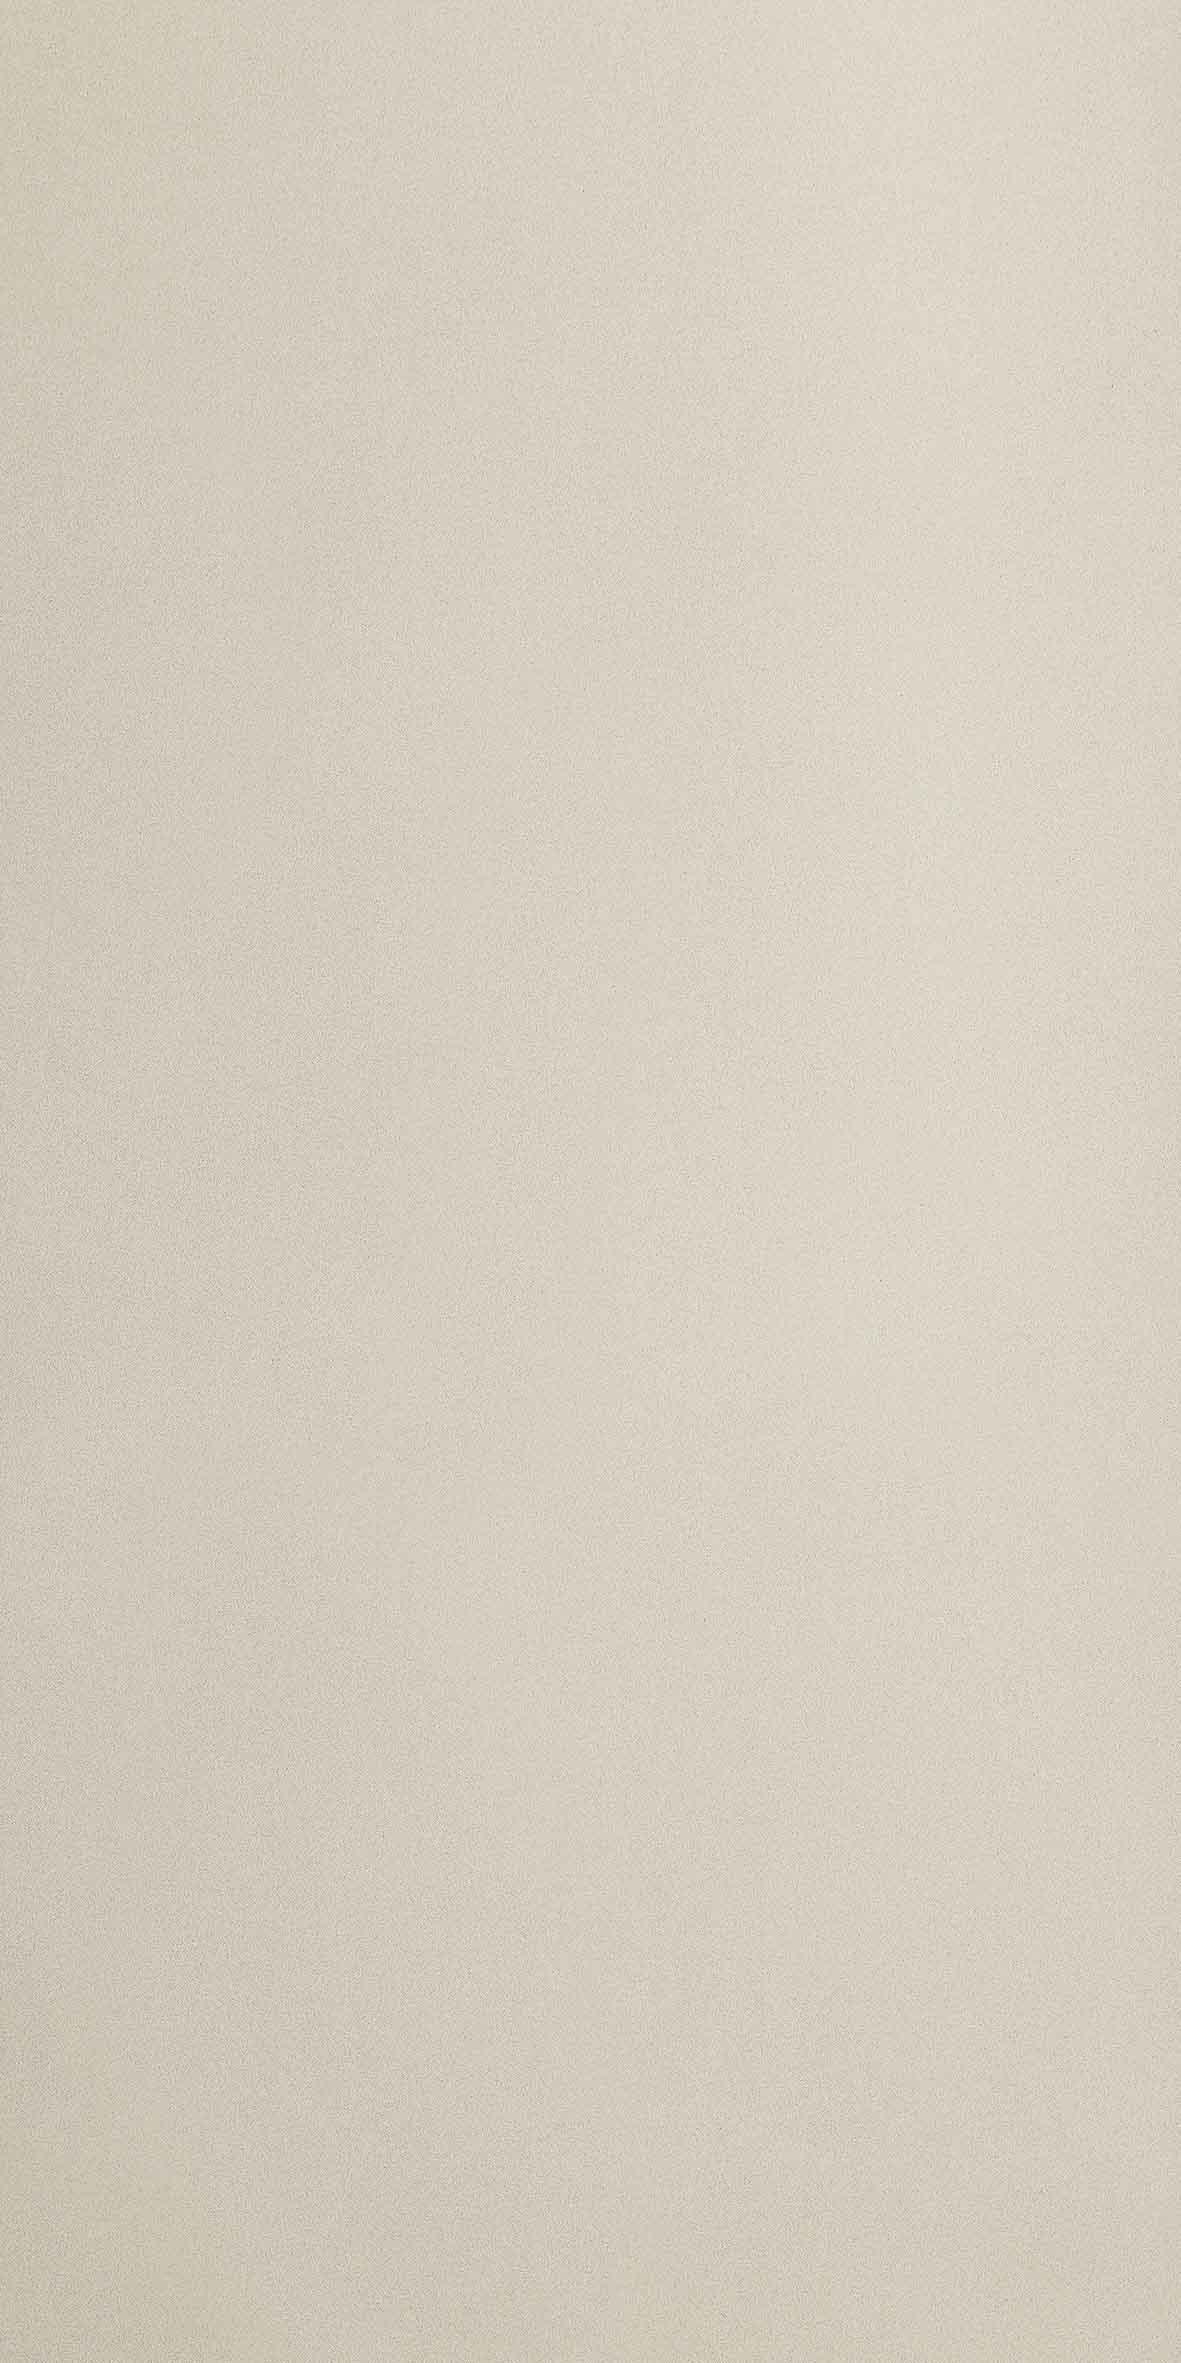 Buildtech 2.0 TU White Matte 10mm 30 x 60